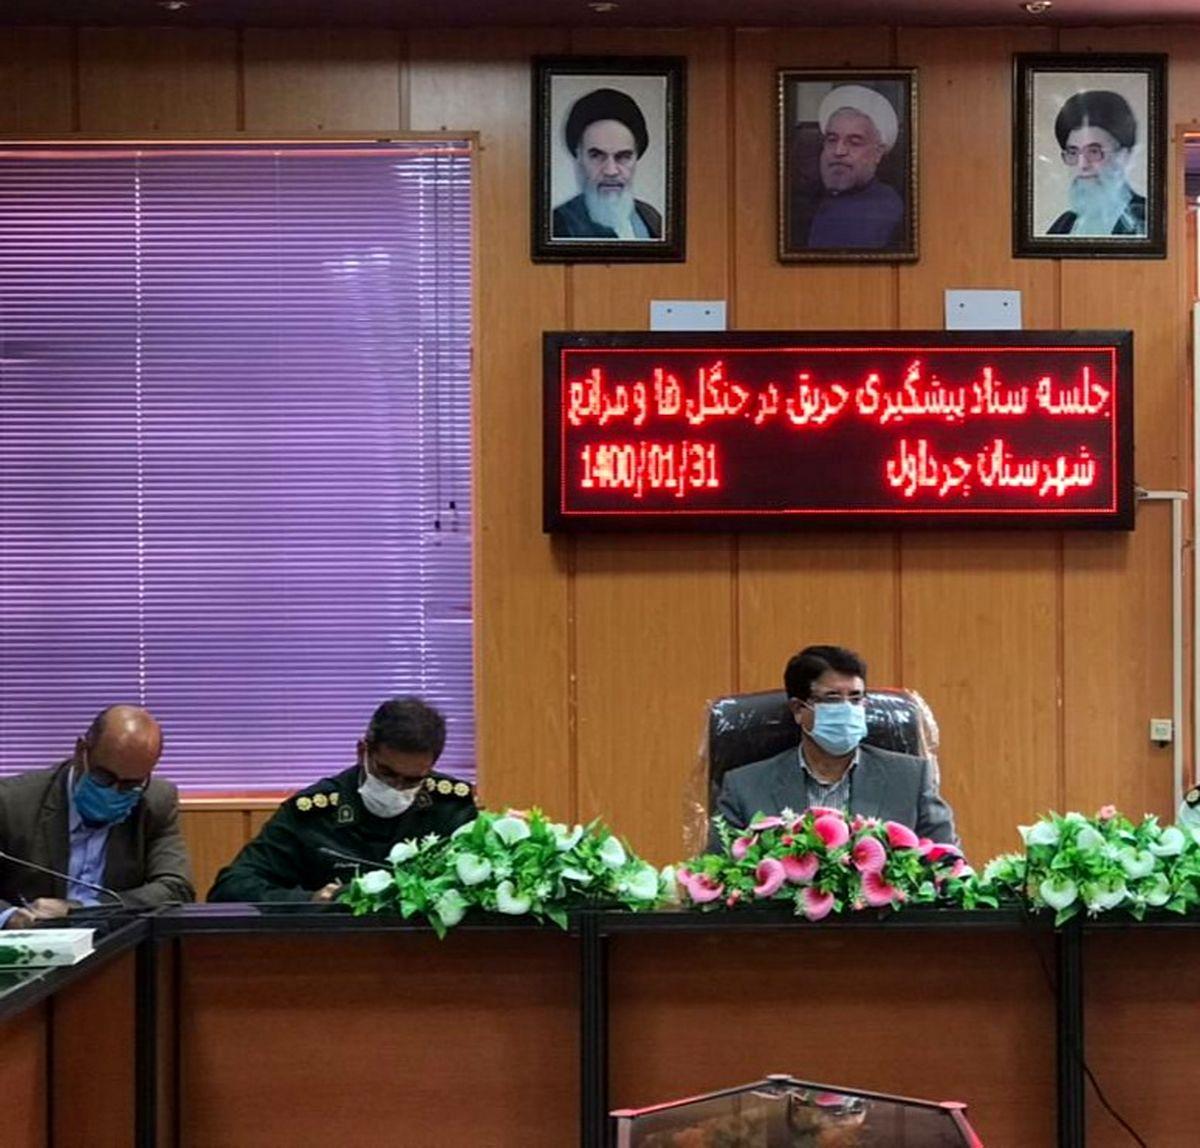 جلسه کمیته حفاظت از منابع طبیعی و اراضی ملی با محوریت پیشگیری و اطفاء حریق برگزار شد.